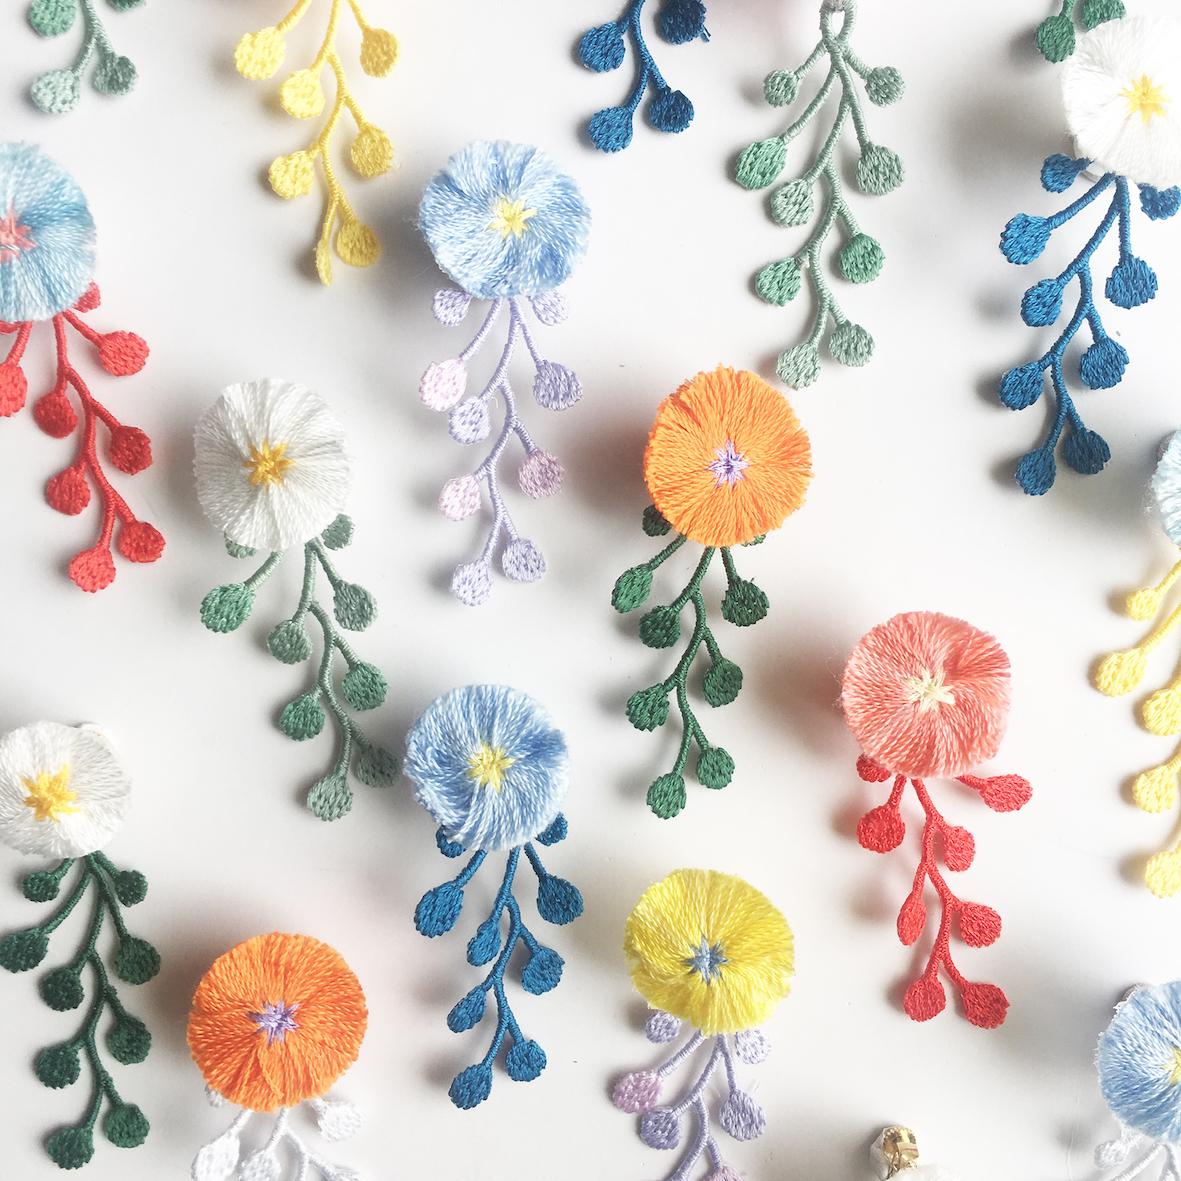 ふわふわのお花と雨粒のレースの片耳ピアスとイヤリング。 カラーリングも豊か。